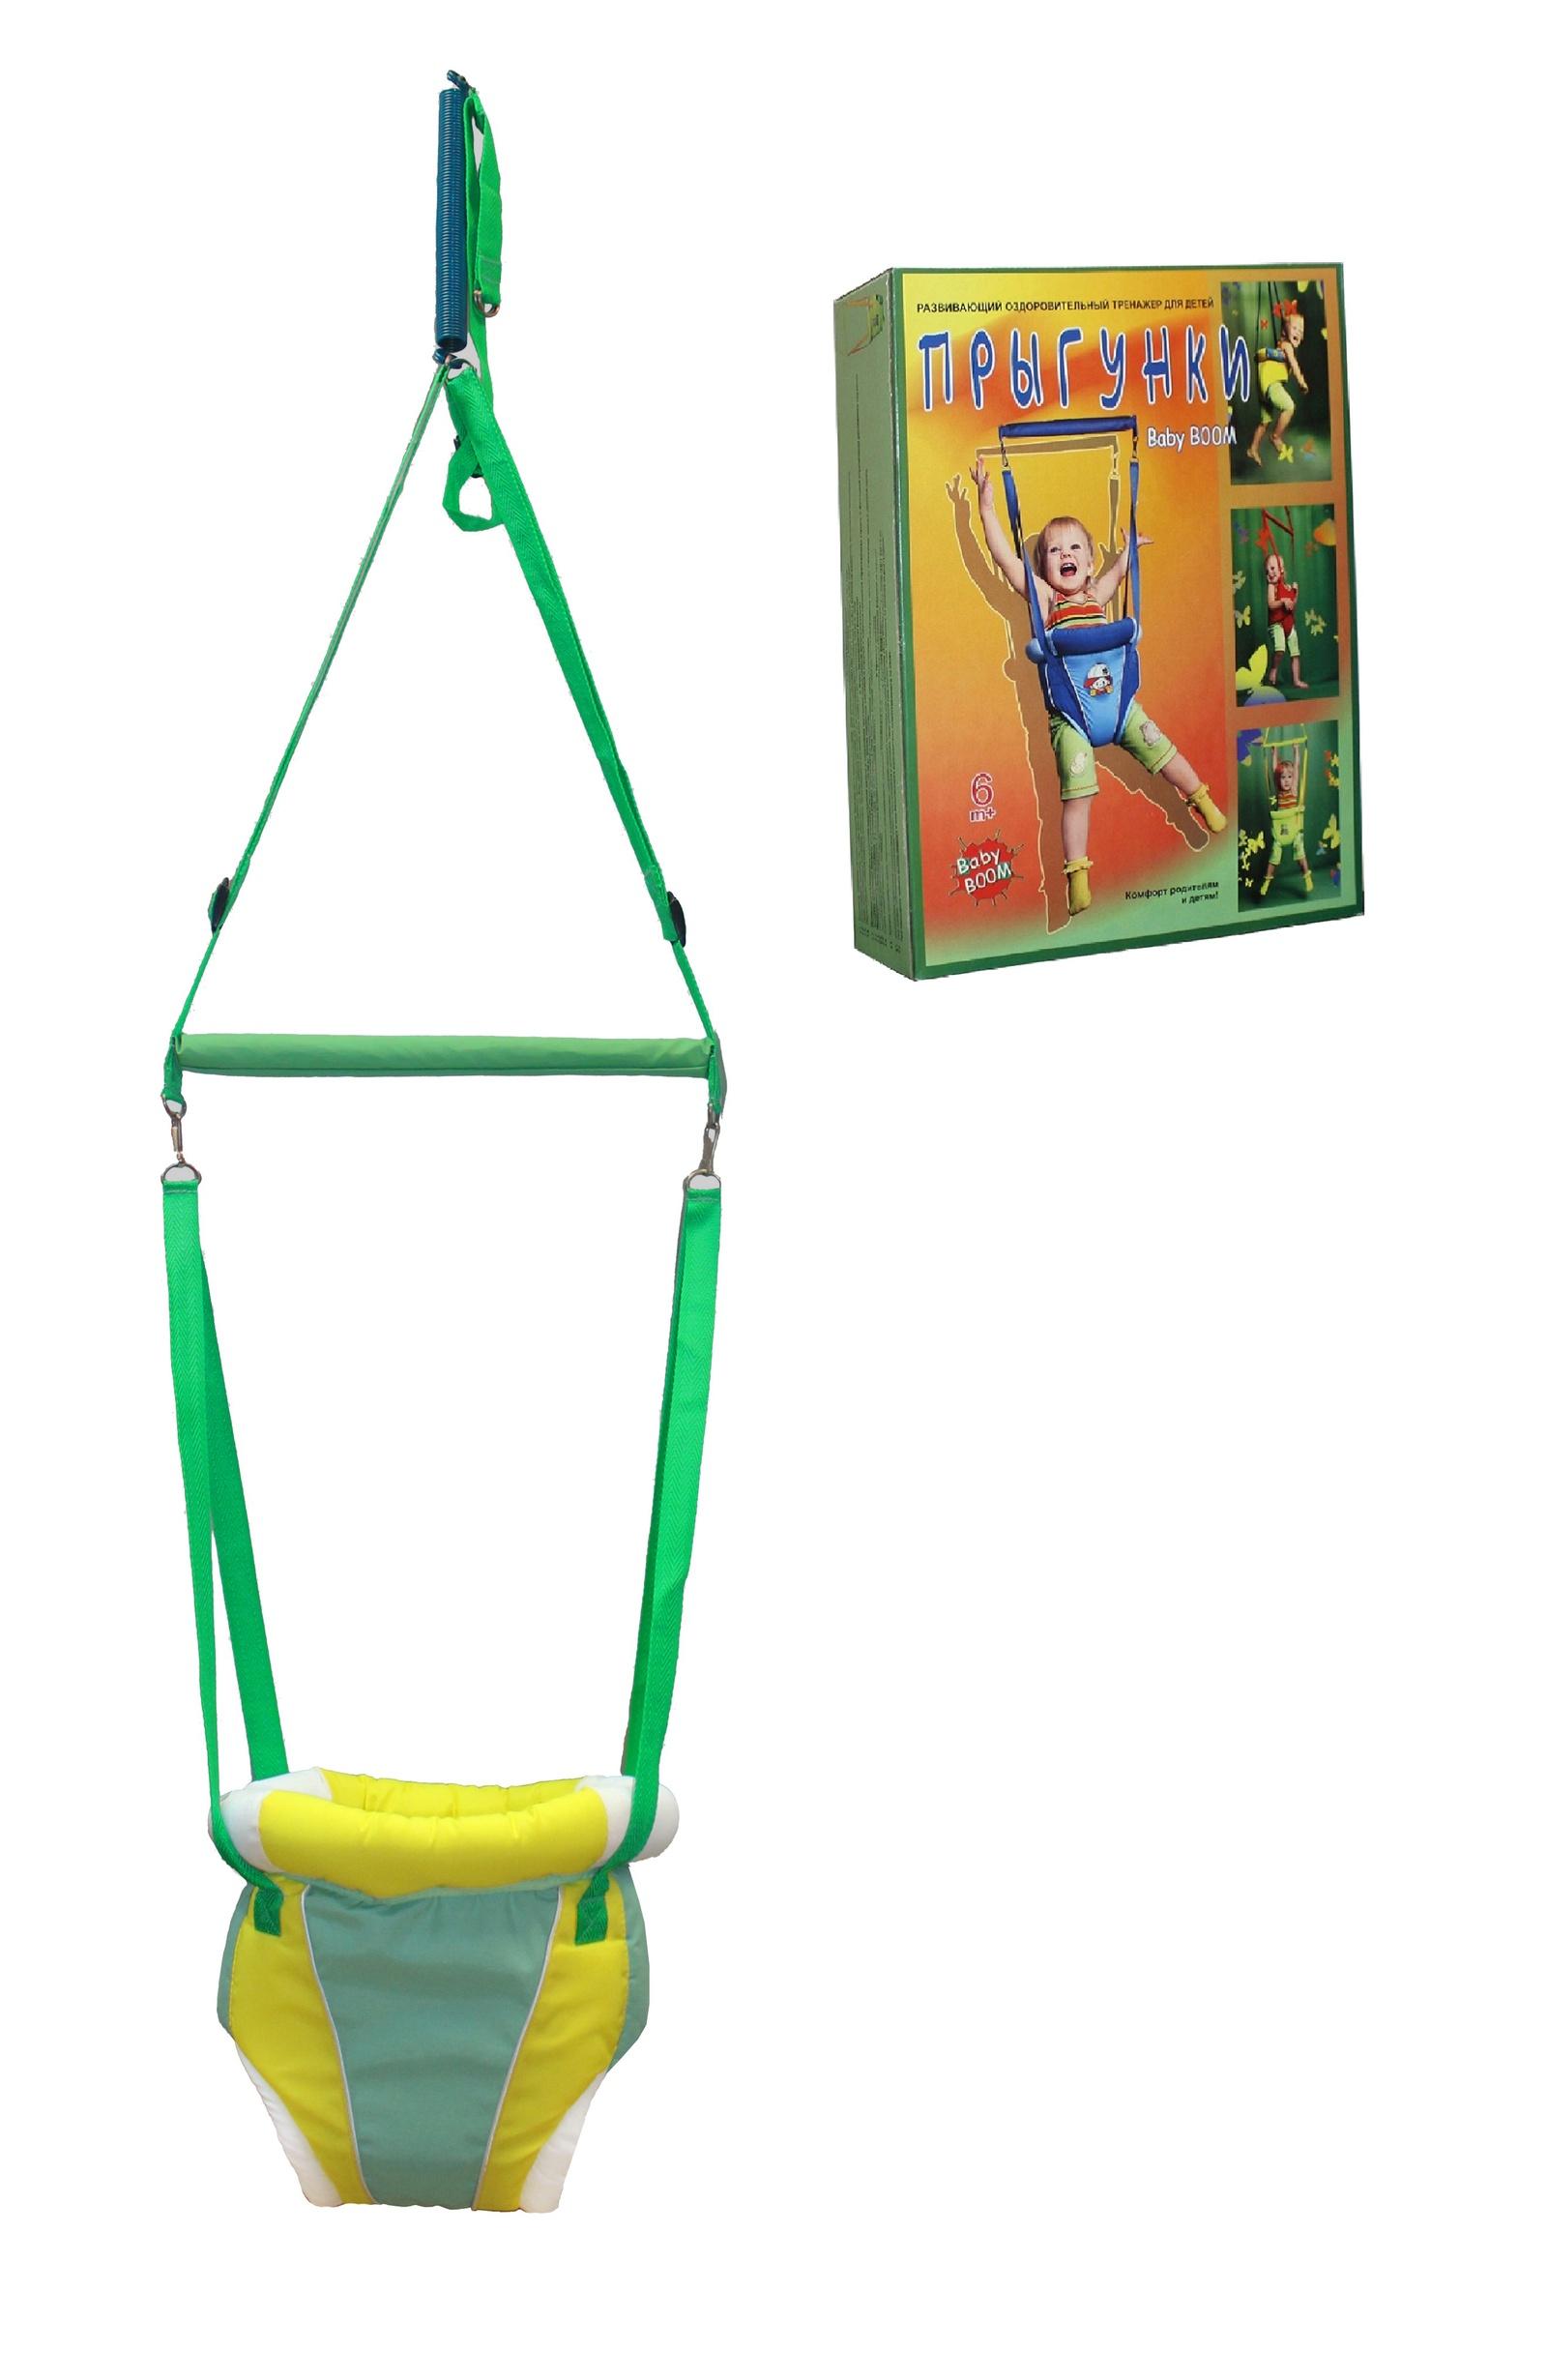 Прыгунки Риббис 12_св.зел_желт_ярко_зелвож светло-зеленый, желтый